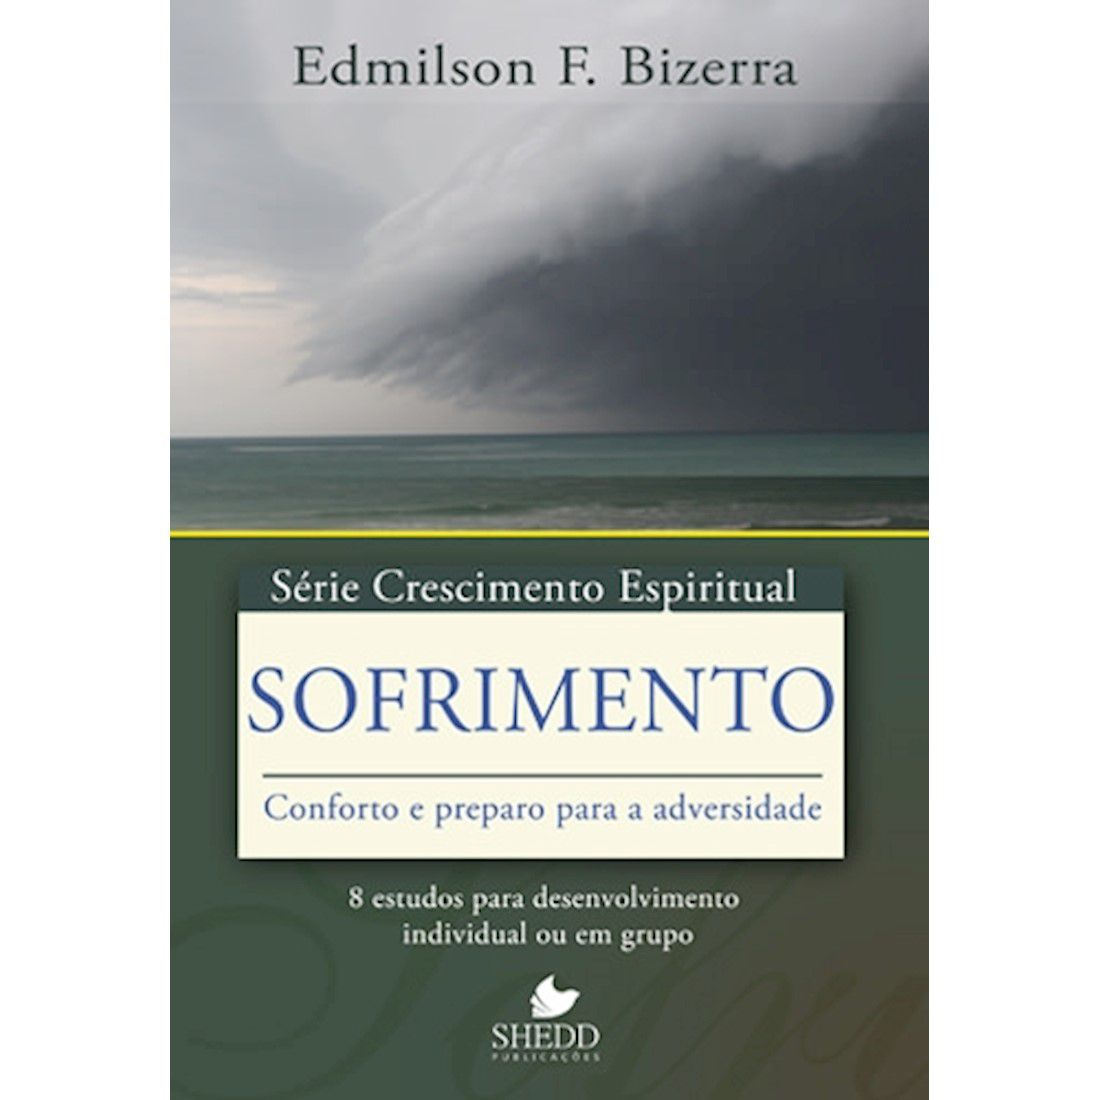 Livro Sofrimento | Série Crescimento Espiritual